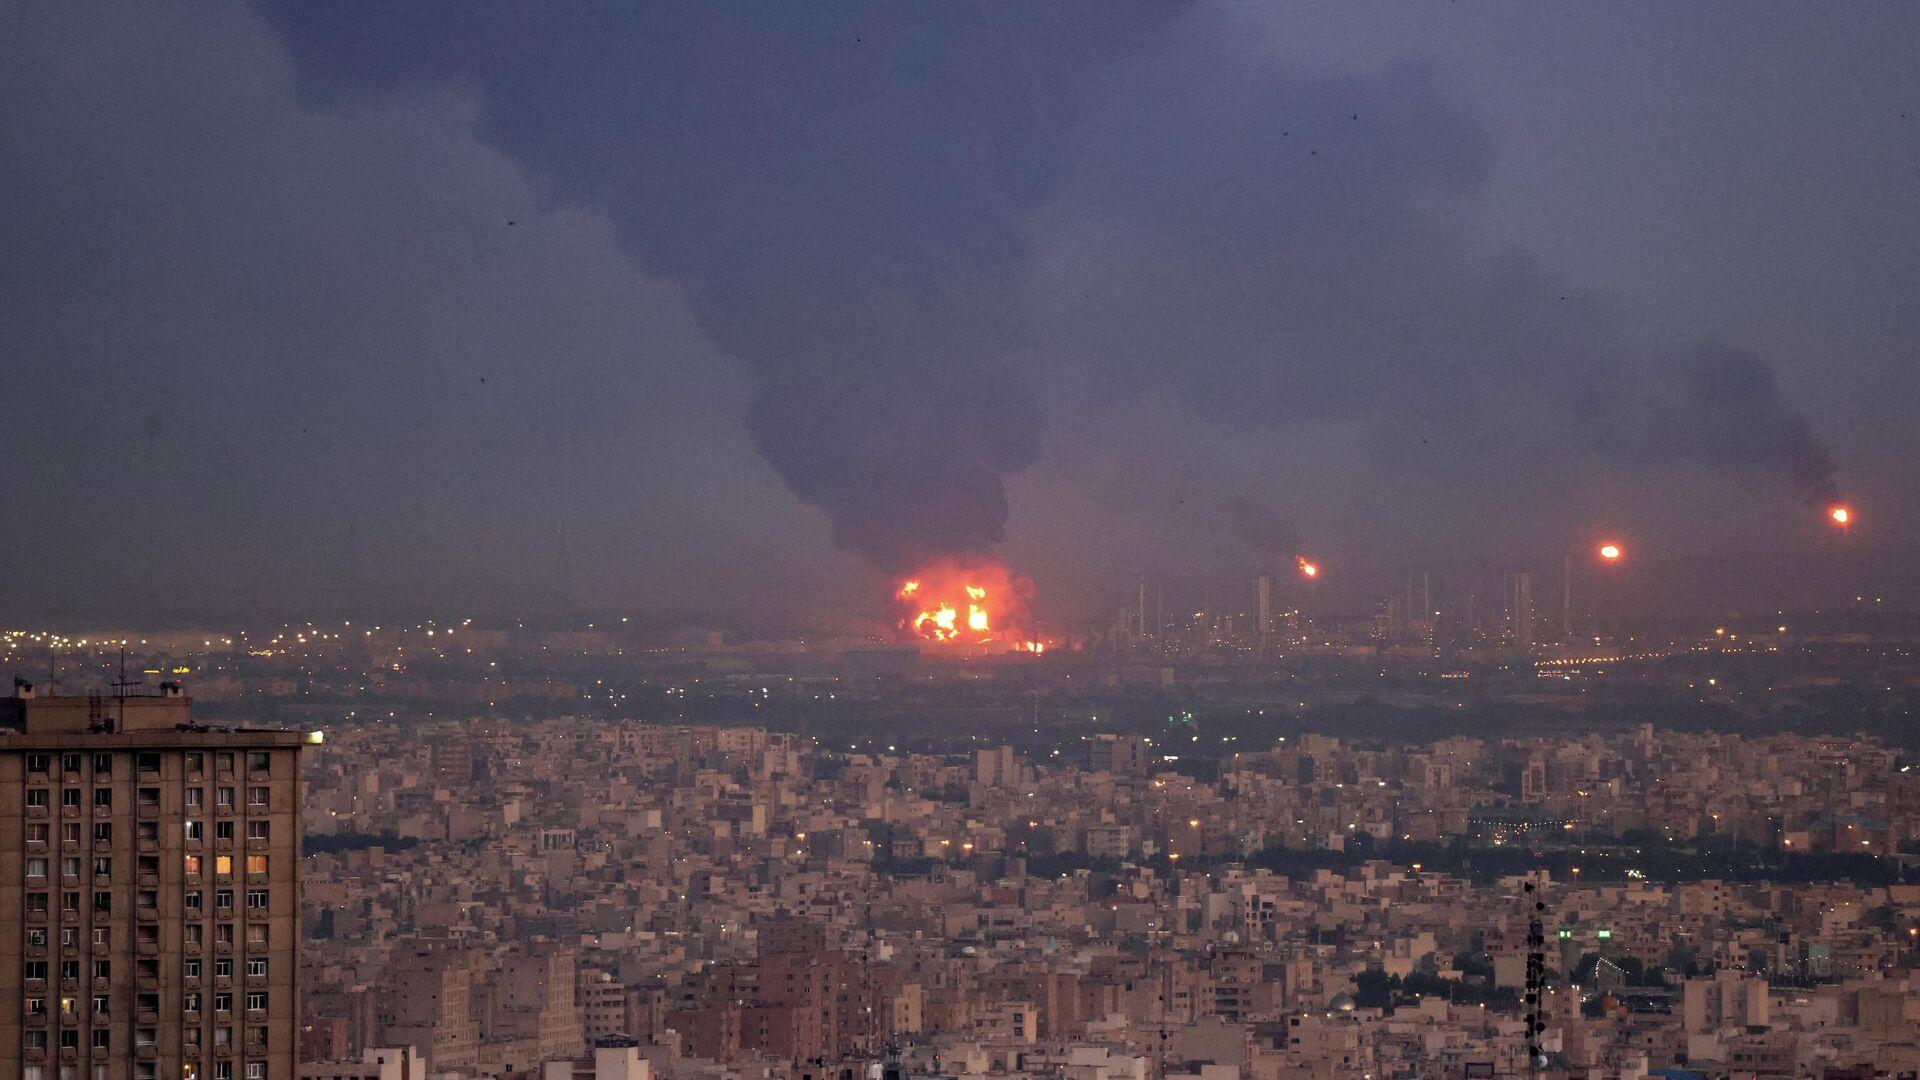 Un fuerte incendio en una refinería en Irán - Sputnik Mundo, 1920, 02.06.2021